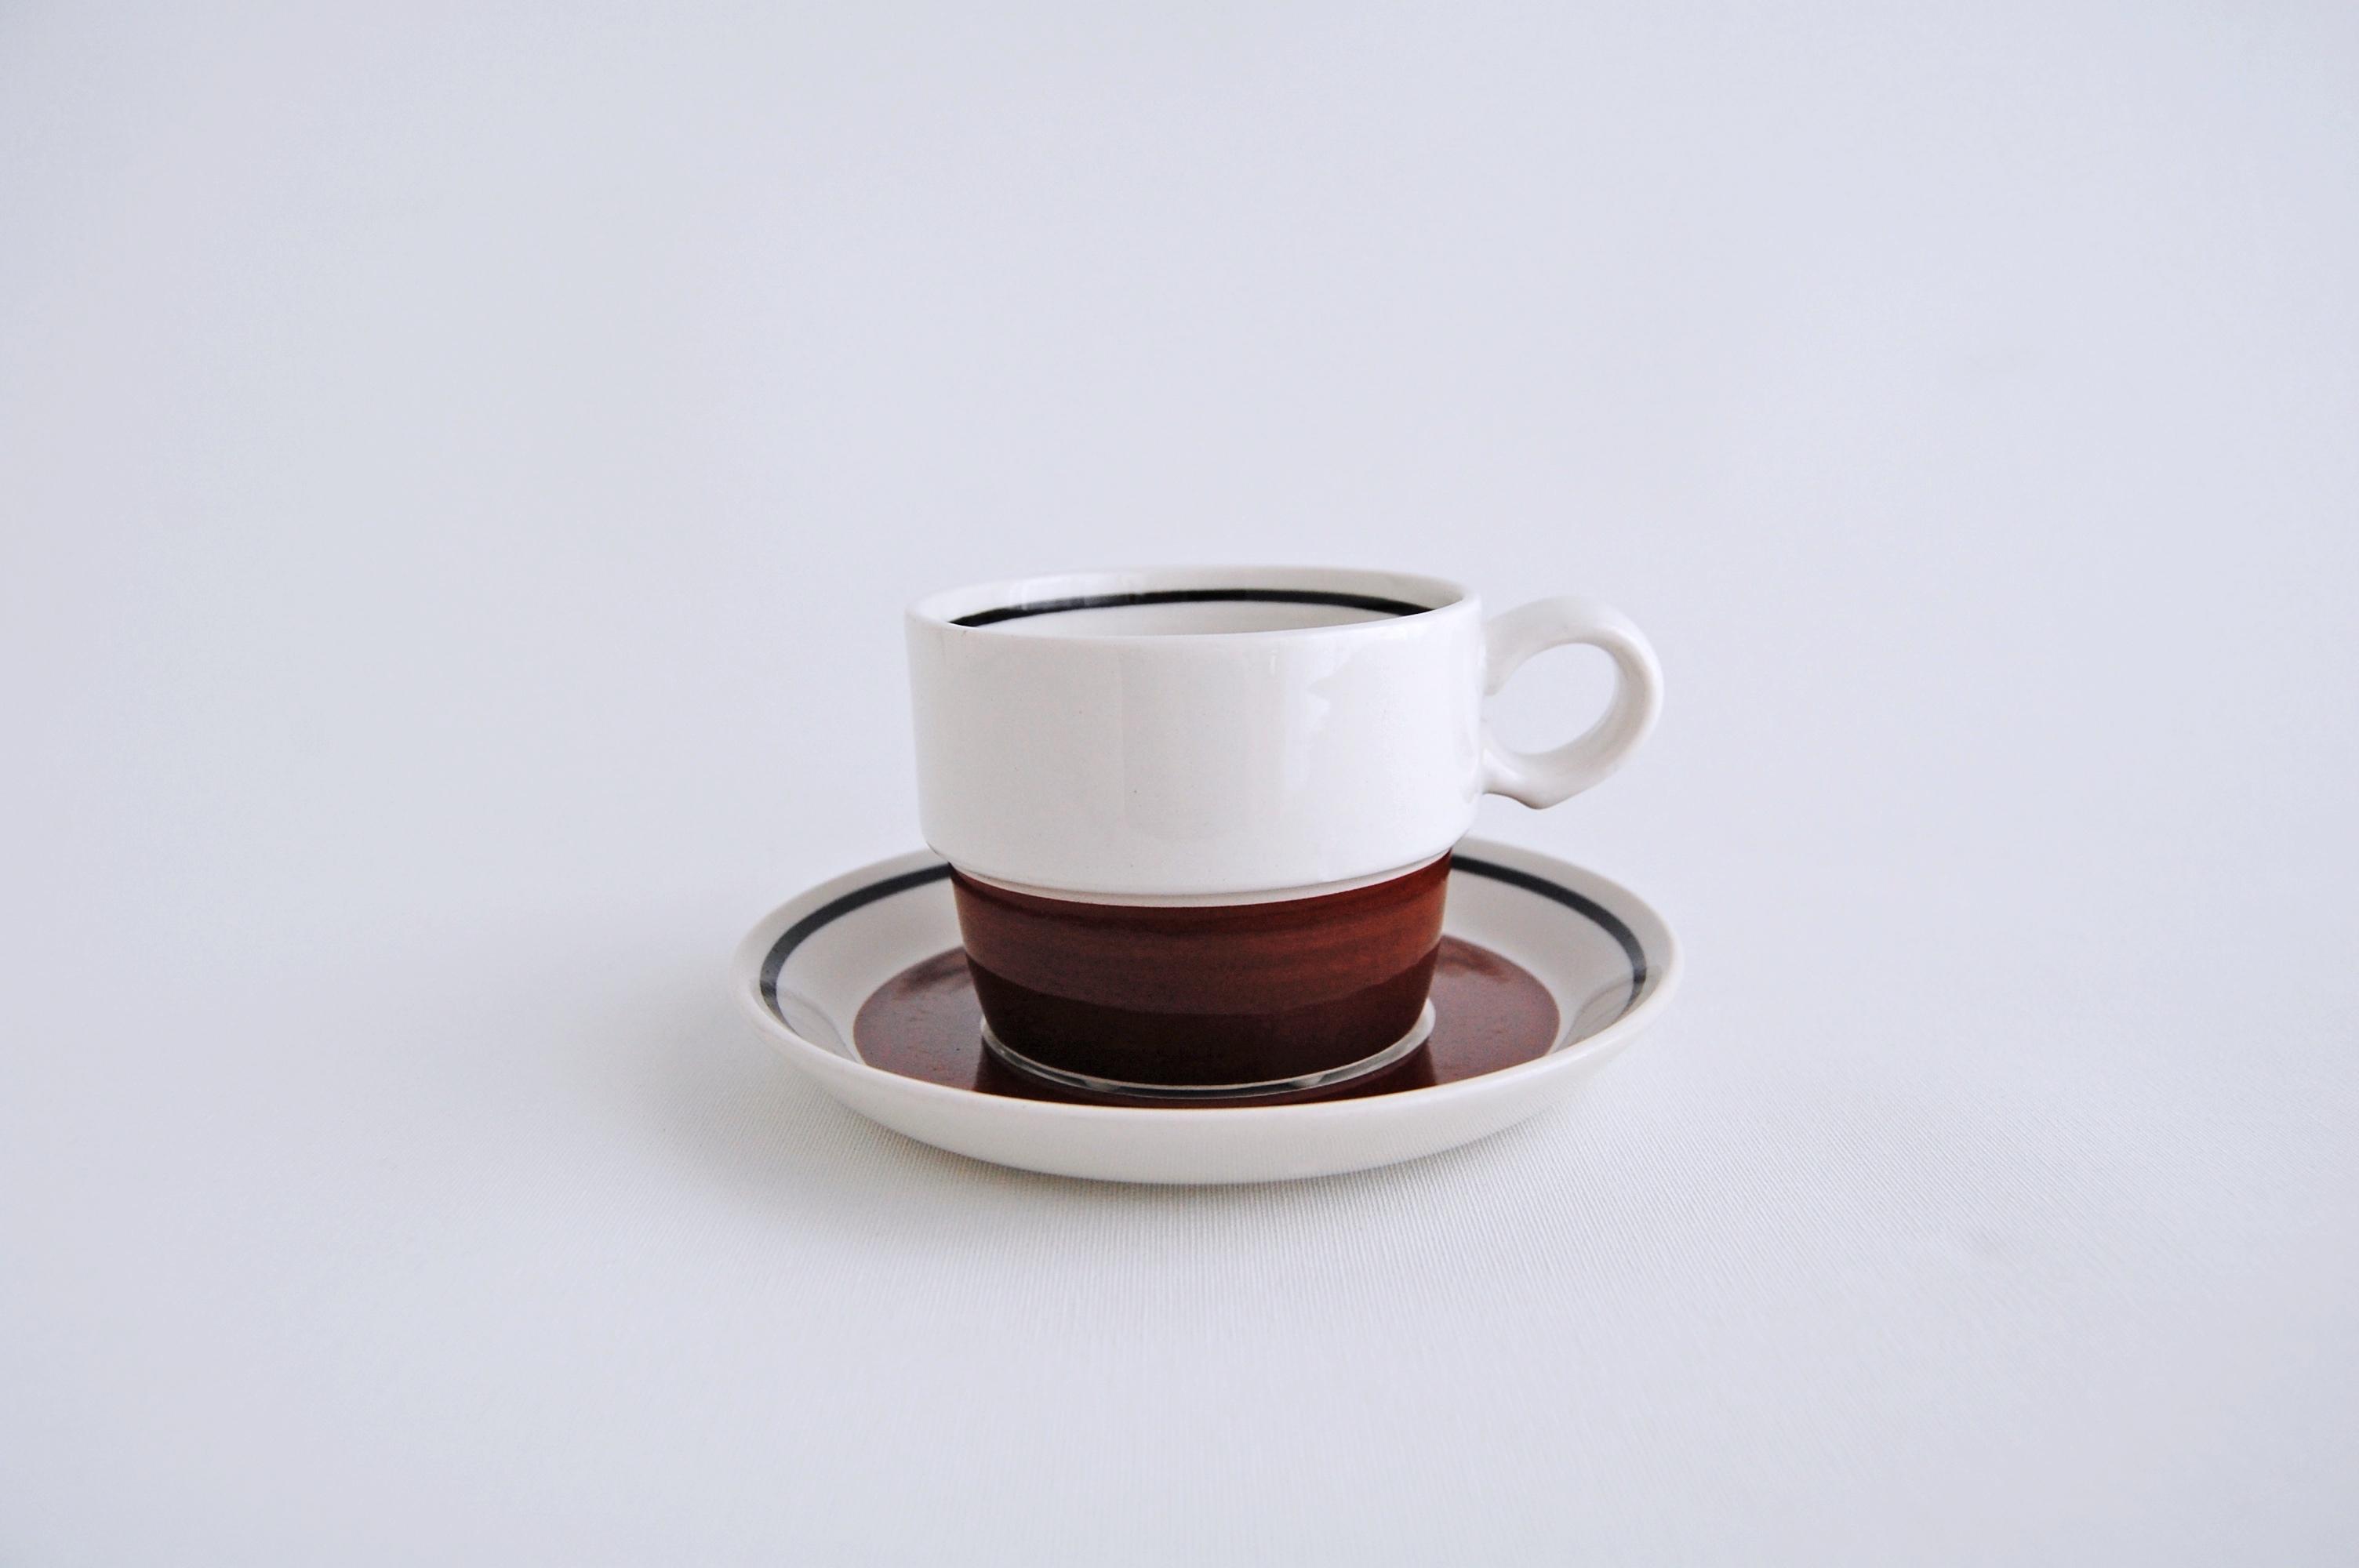 GUSTAVSBERG/グスタフスベリ Siena/シエナ コーヒーカップ&ソーサー 001